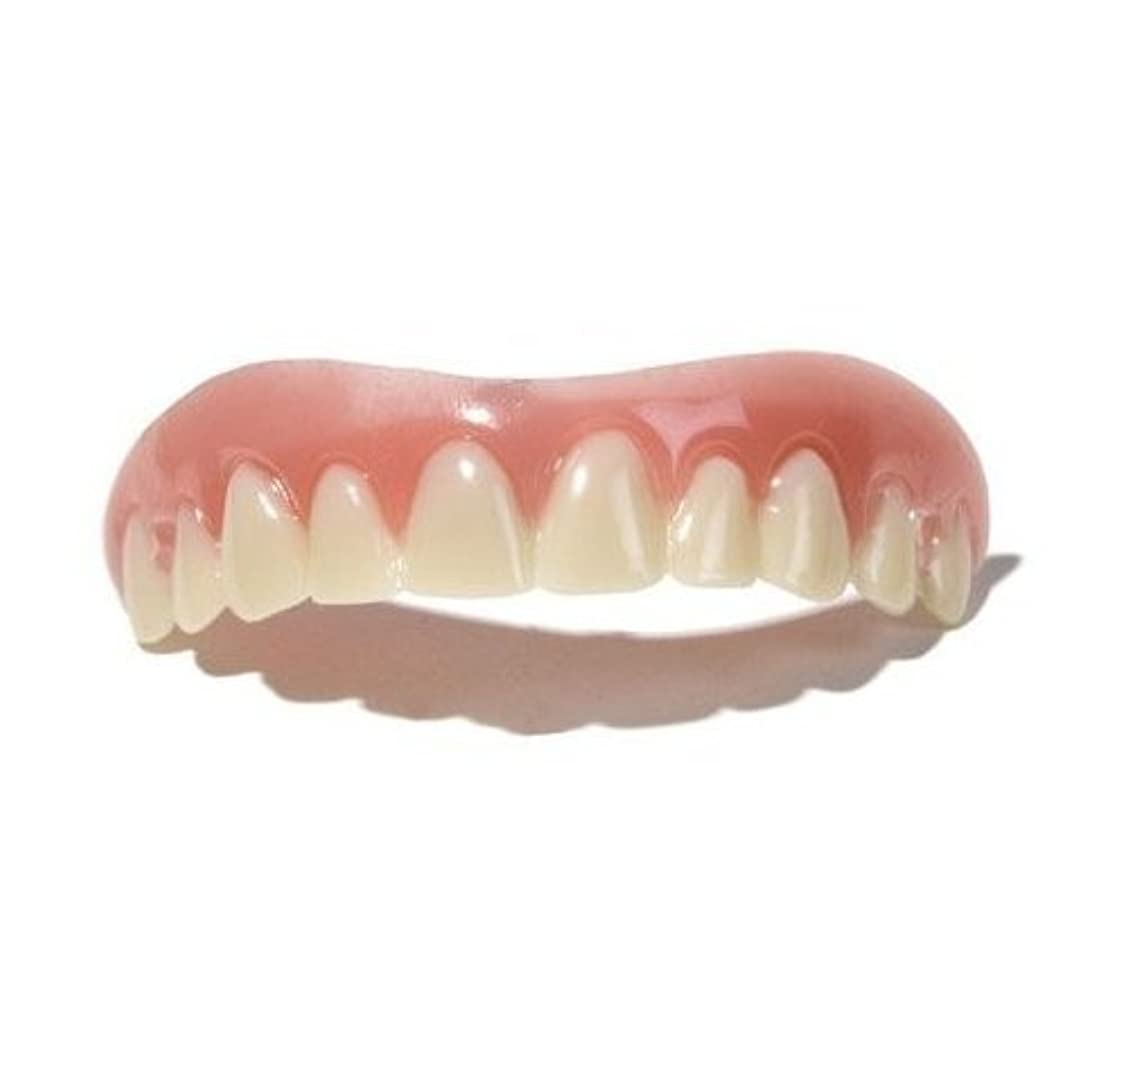 アルミニウム拒絶面倒インスタント 美容 つけ歯 上歯(free size (Medium)) [並行輸入品]